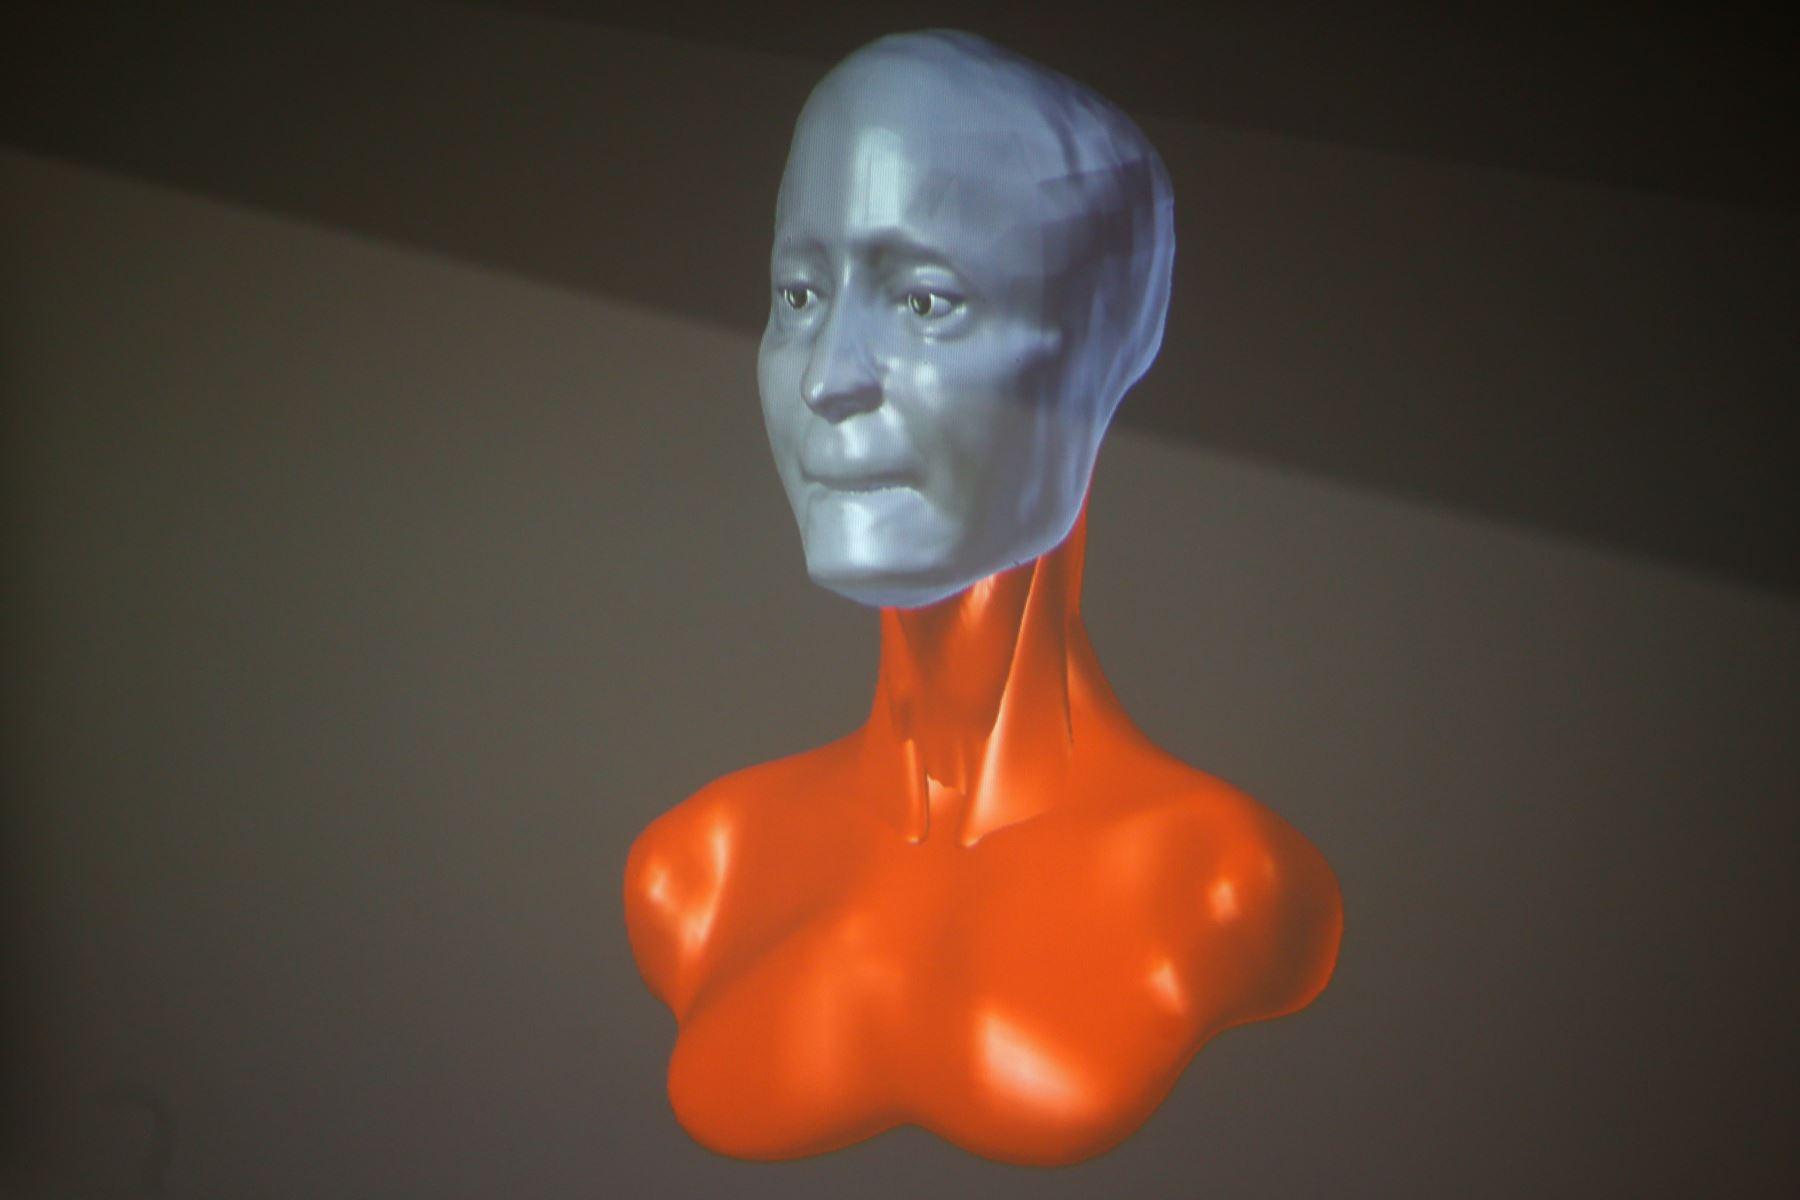 dama-cuatro-tupus-rostro-02